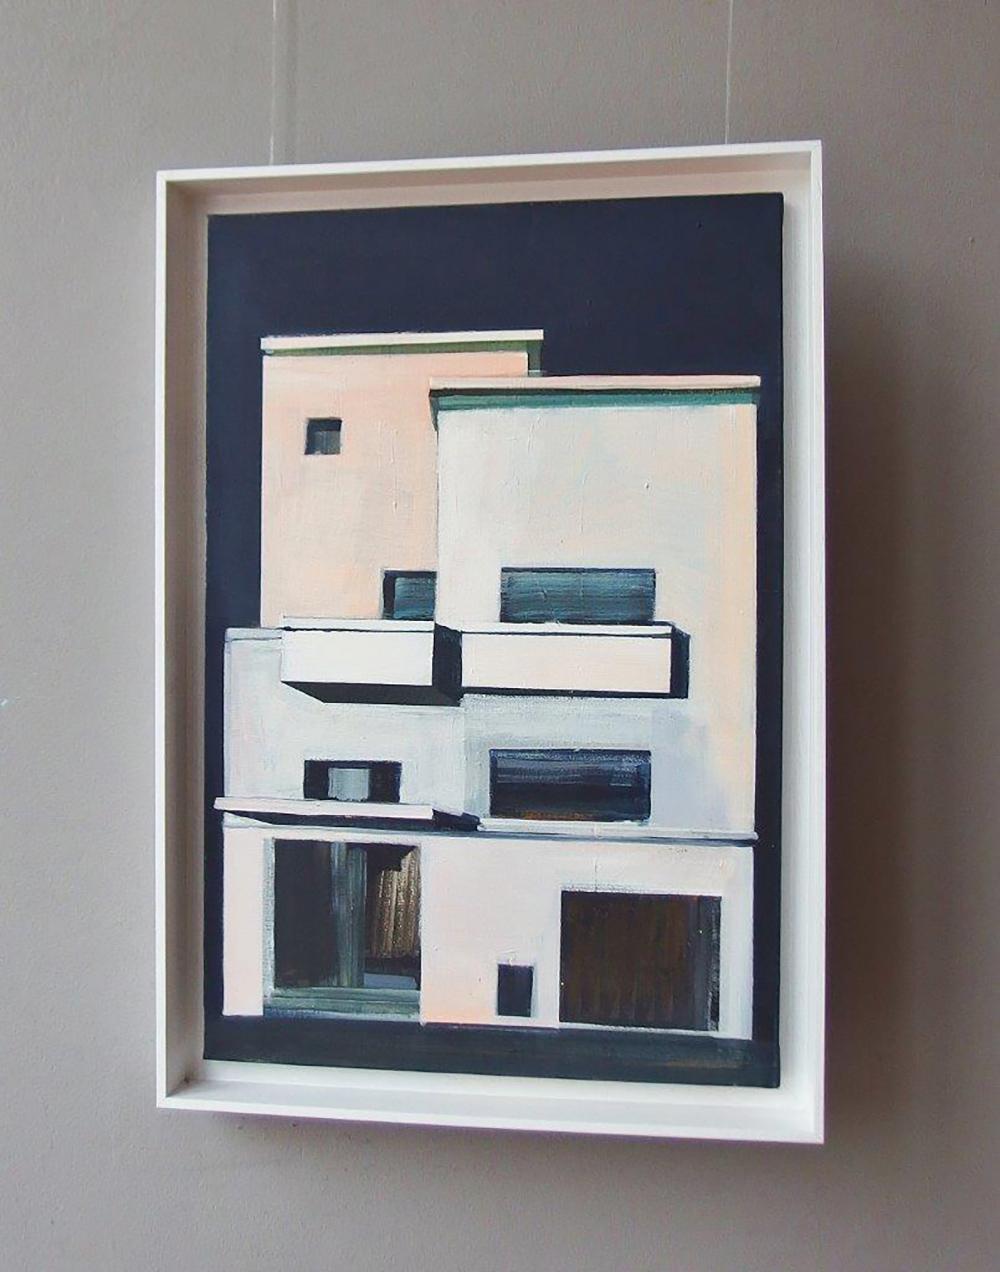 Maria Kiesner : White facade